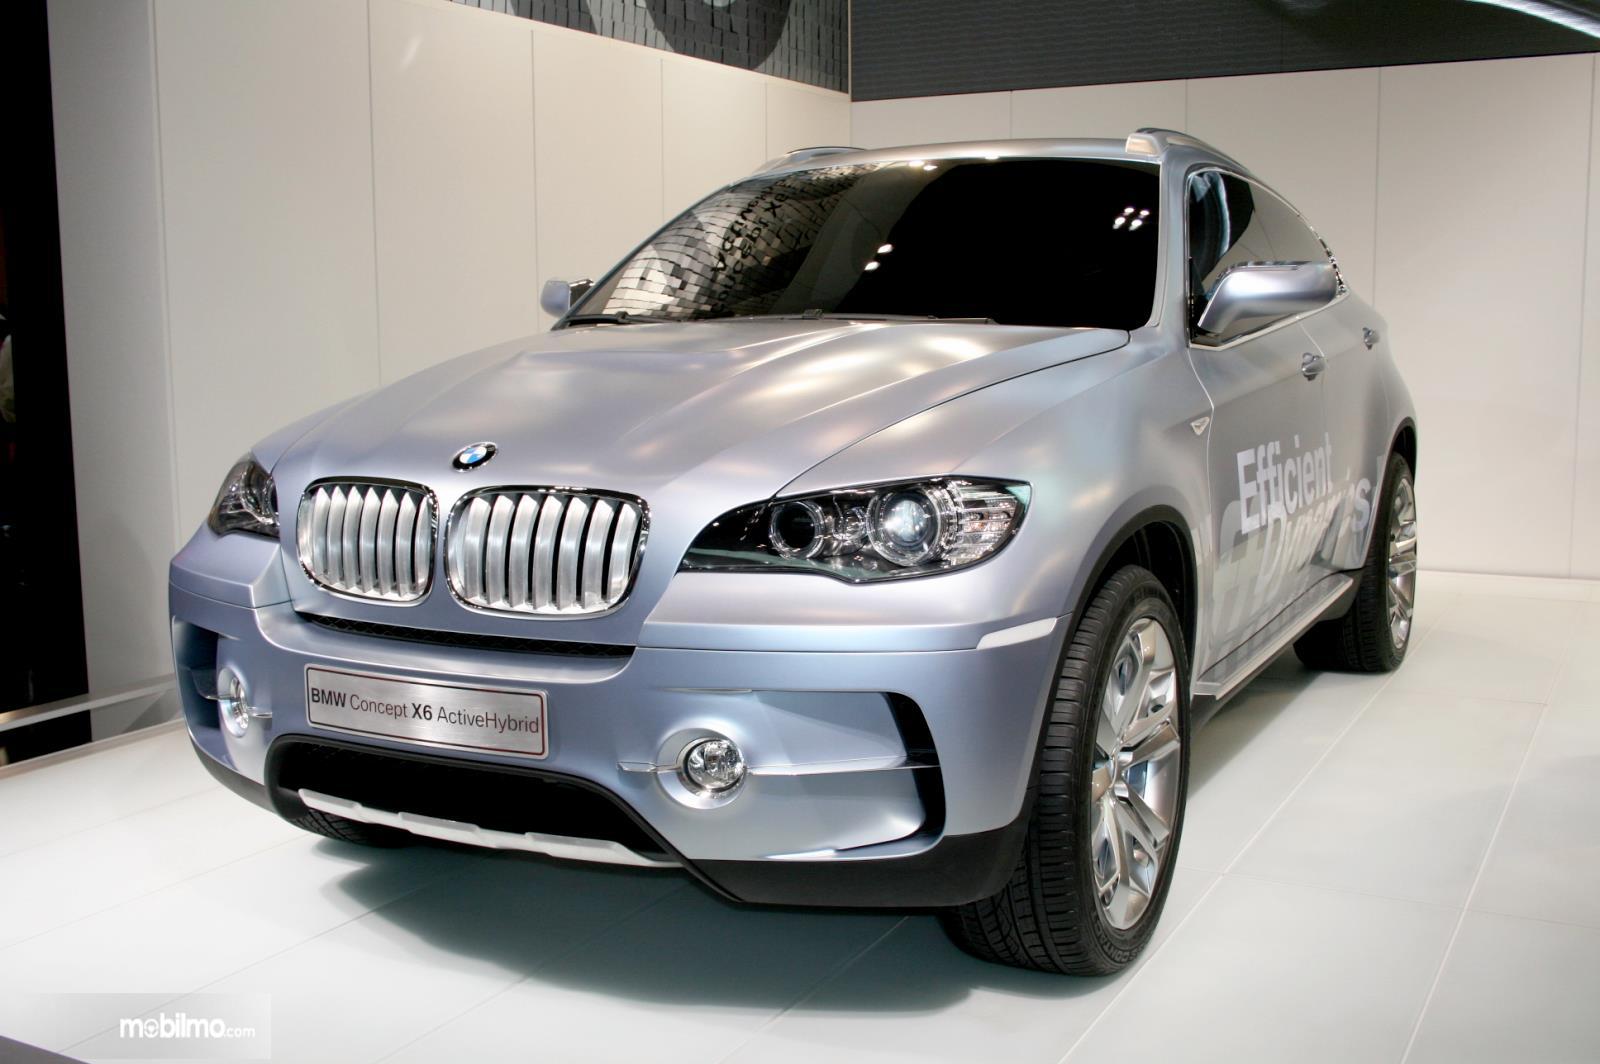 Foto BMW X6 Concept saat diperkenalkan di Jerman tahun 2007